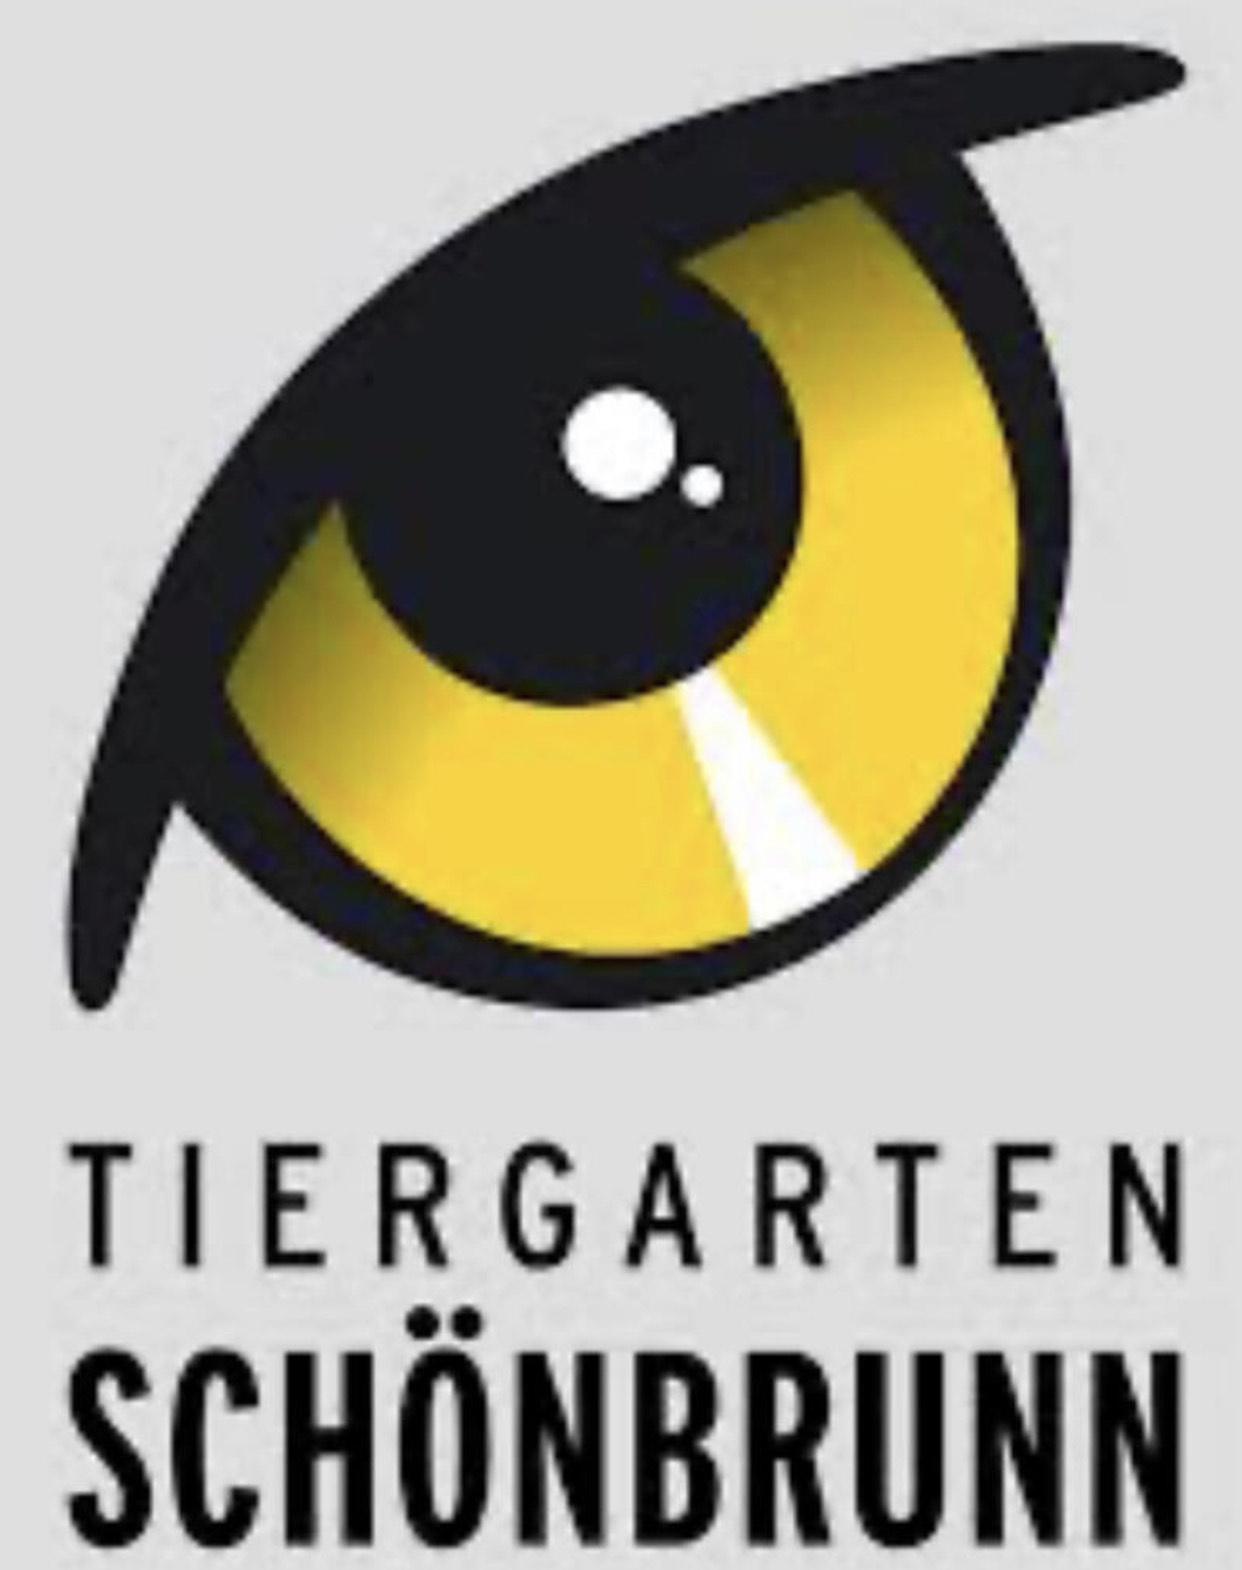 Tiergarten Schönbrunn: 20% auf die Tageskarte